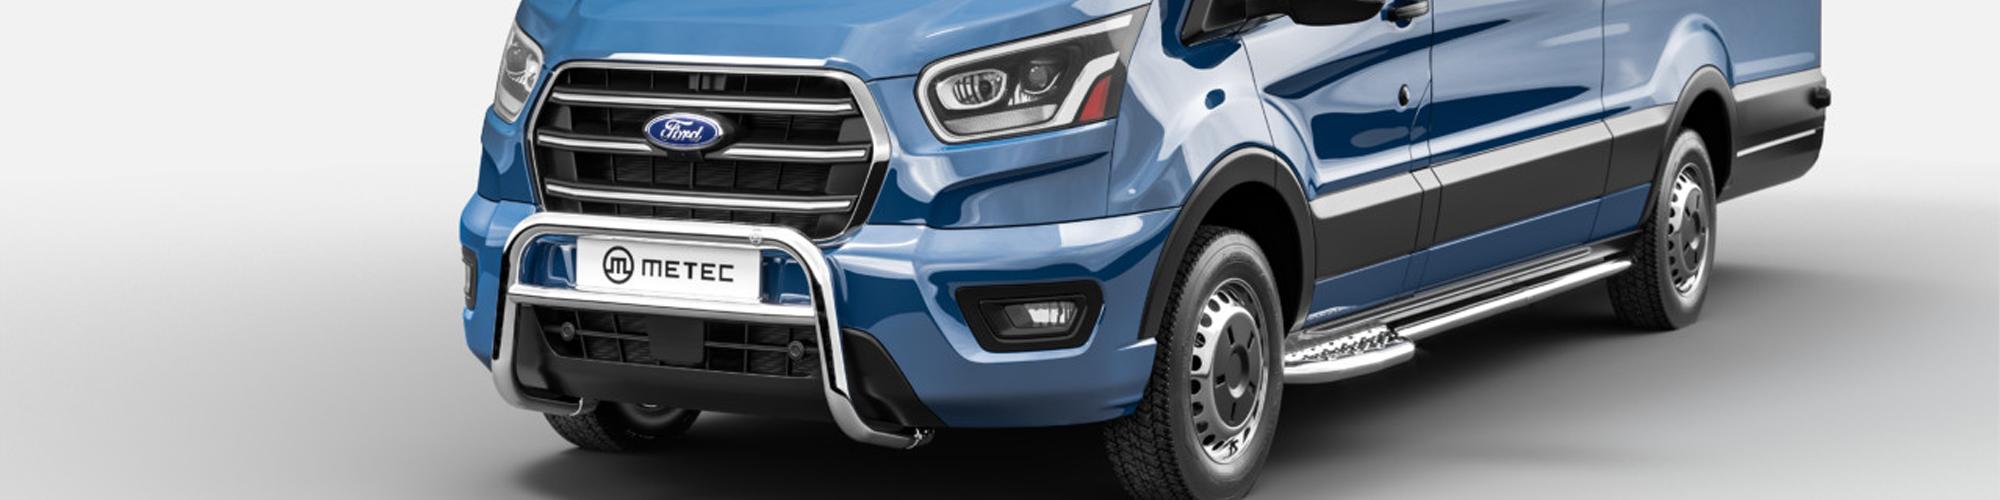 Frontbåge 60mm Ford Transit 2019+ bakgrundsbild